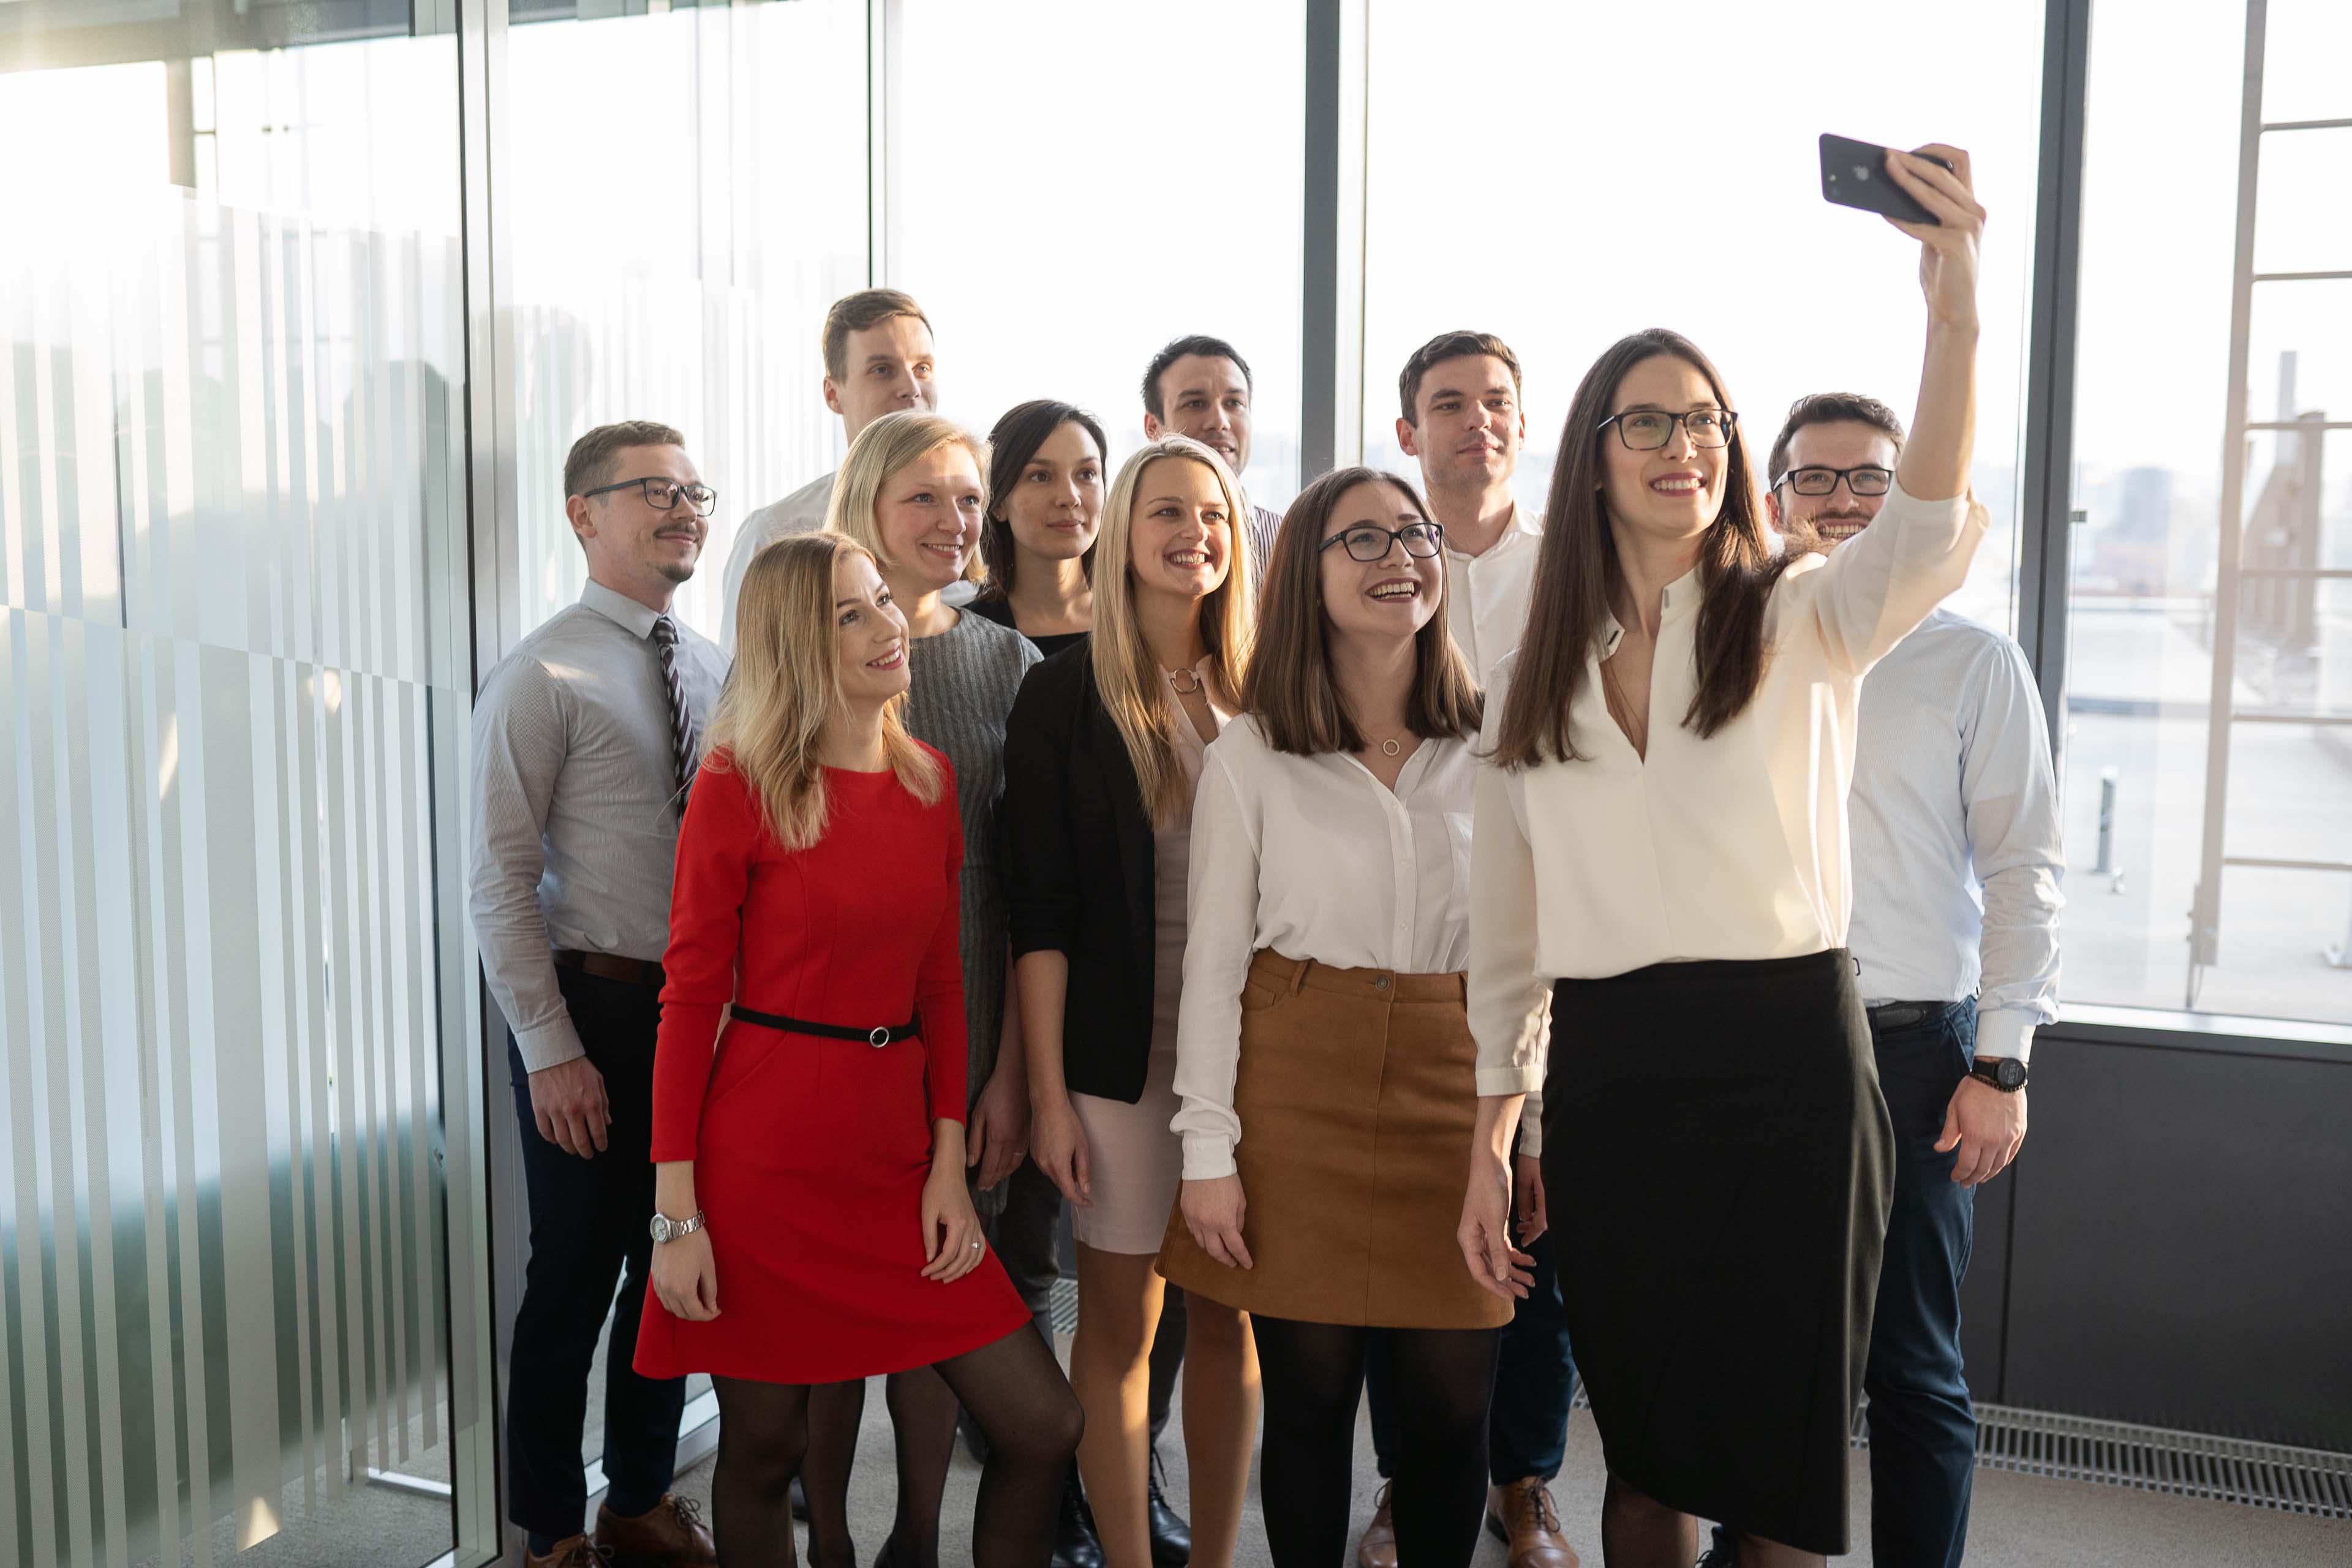 Různorodá skupina lidí drží obraz bubliny